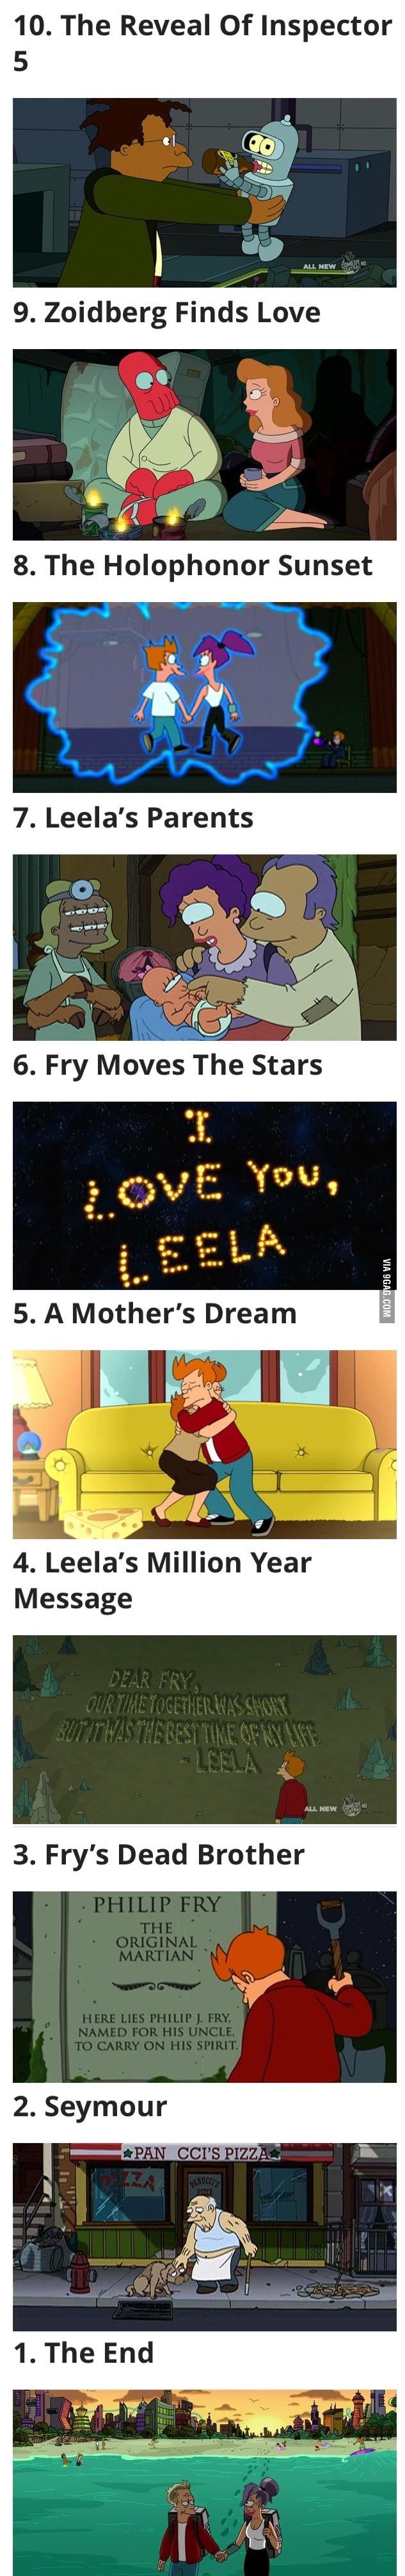 Los 10 momentos más emotivos de Futurama